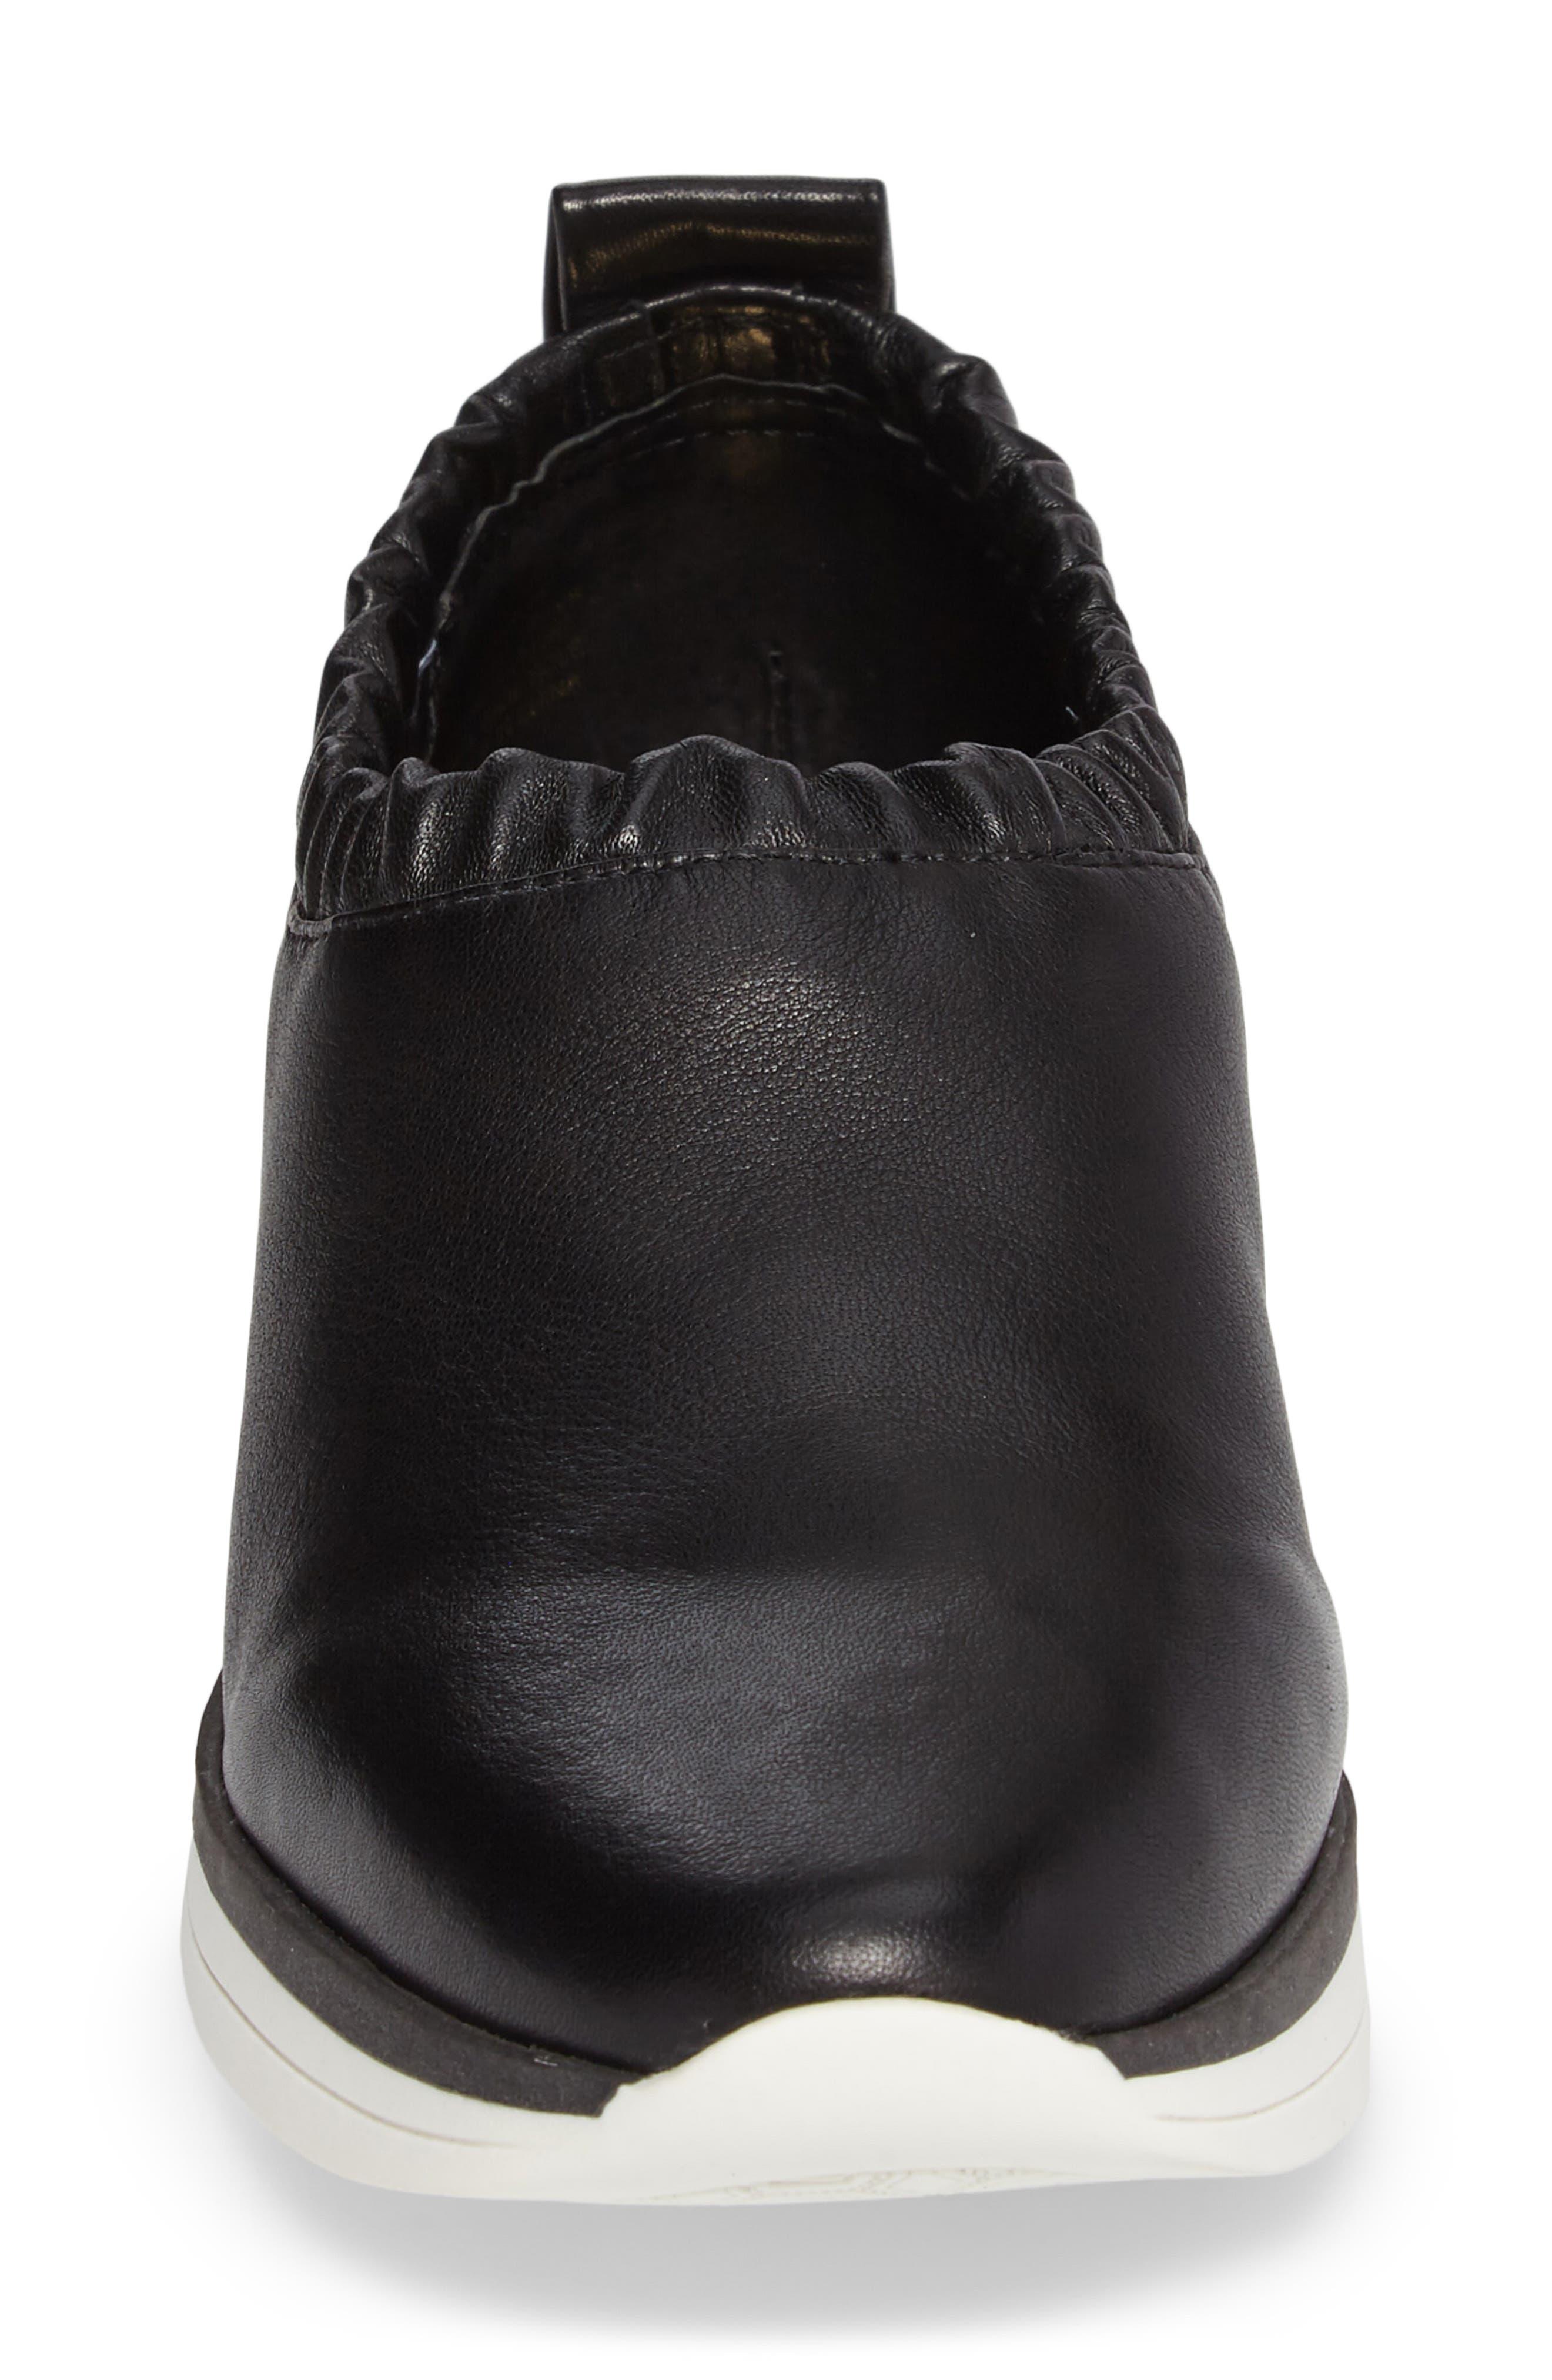 Brogen Slip-On Sneaker,                             Alternate thumbnail 4, color,                             Black Leather